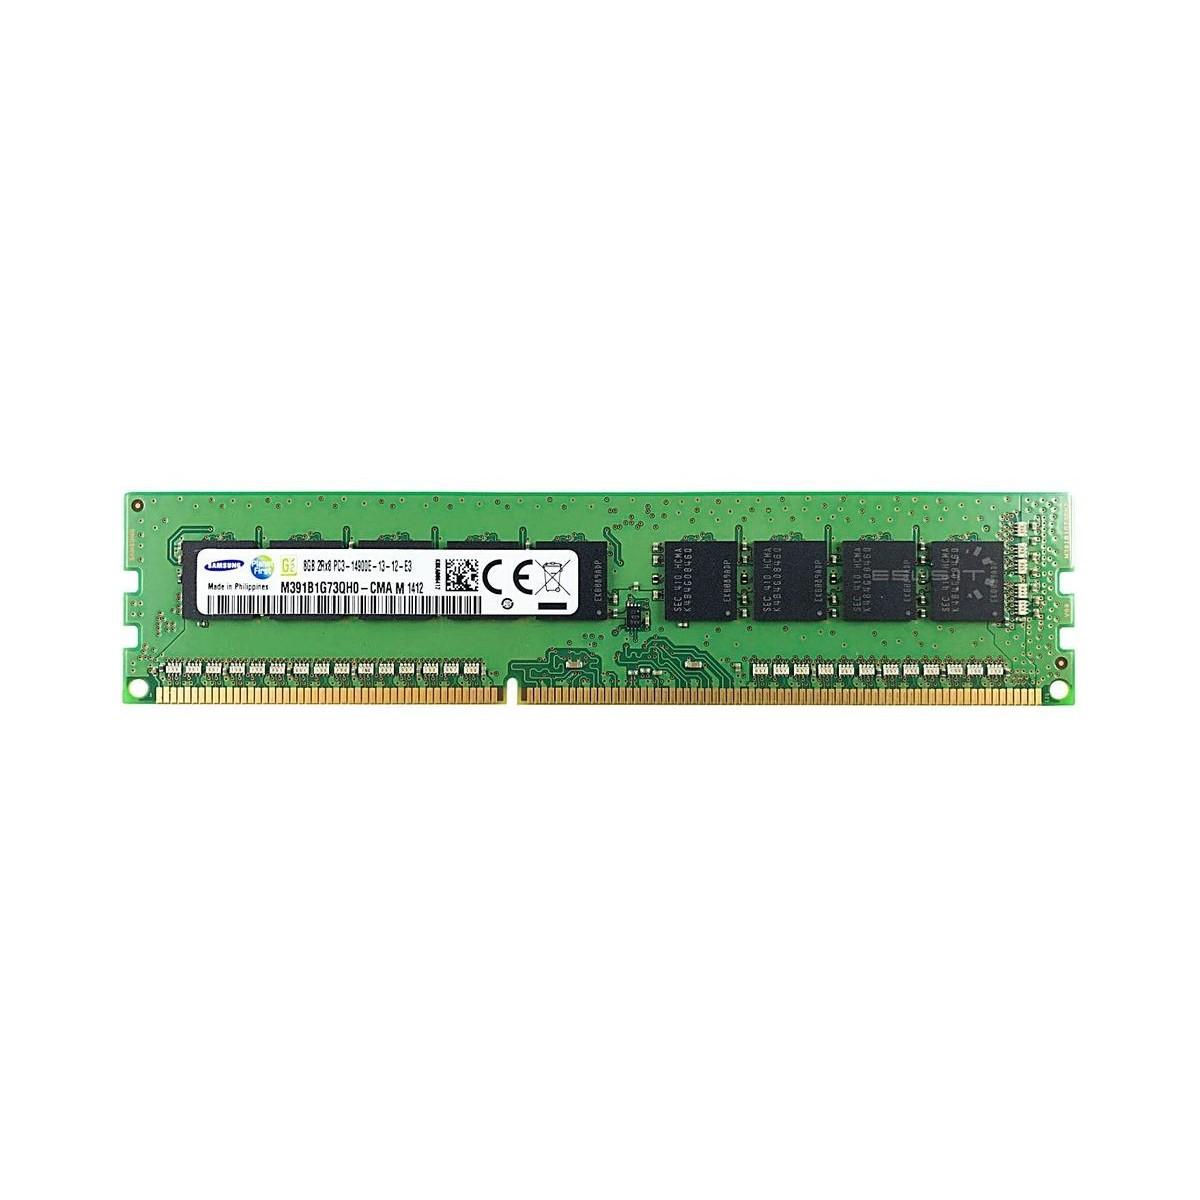 HP DL380 G9 2x2.4 SIX E5 64GB 2xSSD 2x2TB P840 ILO4